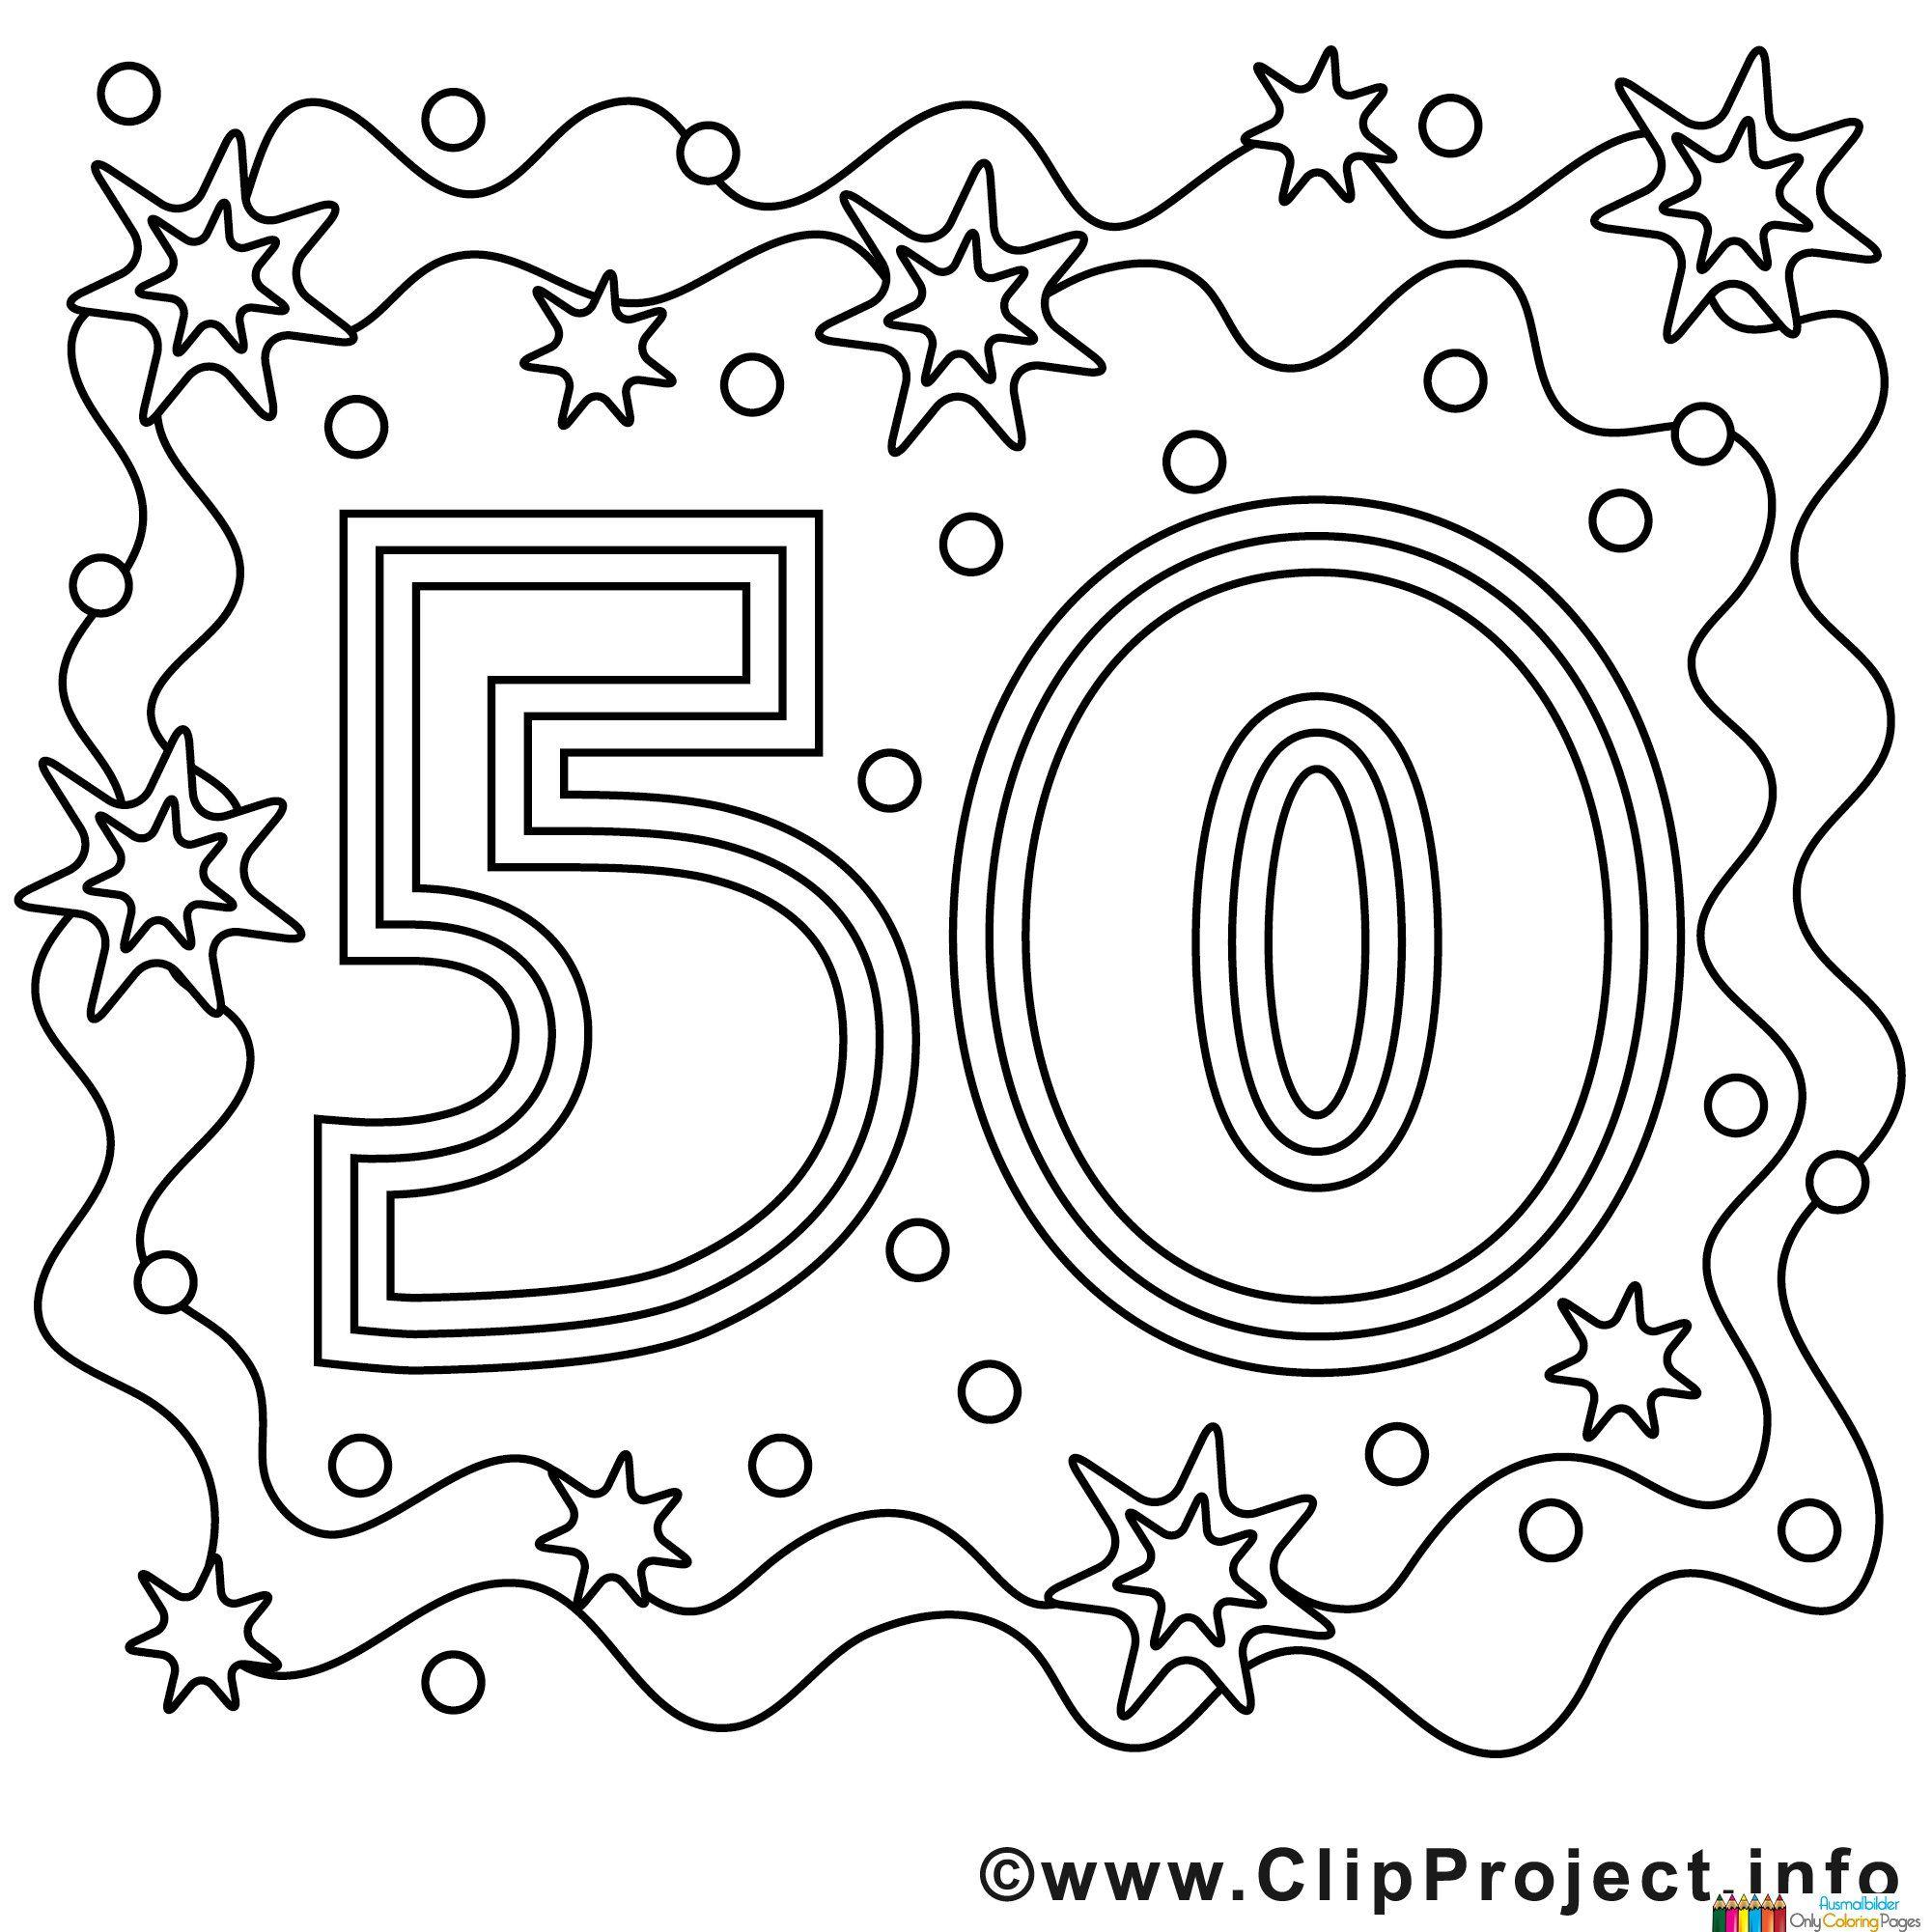 Ausmalbild Zum 50 Geburtstag | Ausmalbilder, Lustige bei Zahlenschablonen Zum Ausdrucken Kostenlos